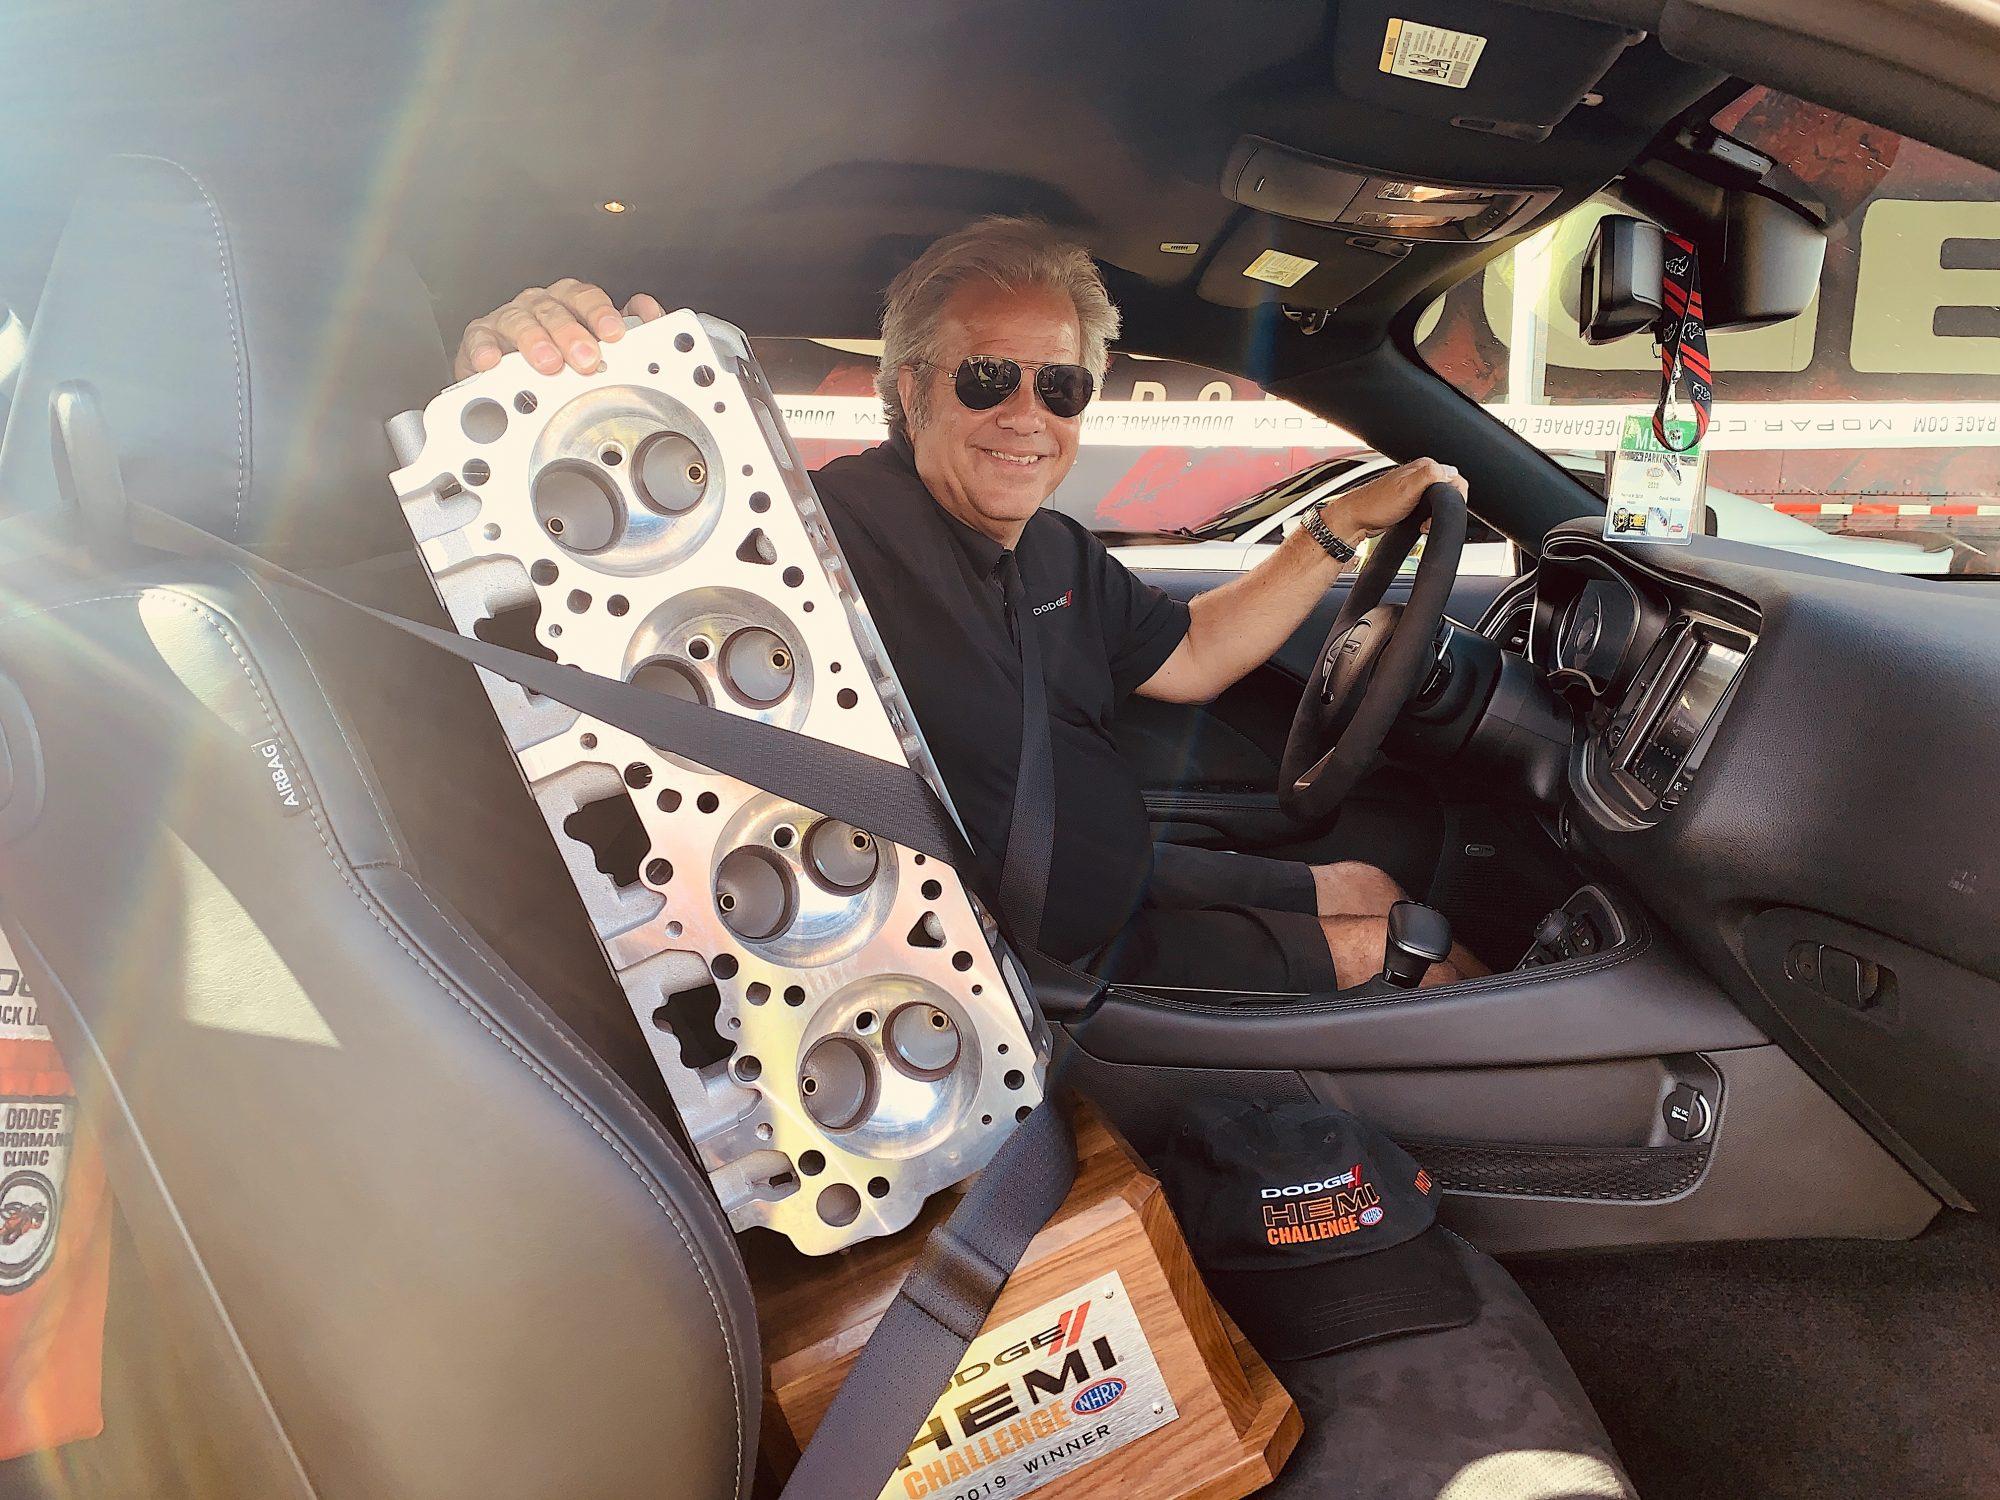 David Hakim with the dodge hemi challenge trophy